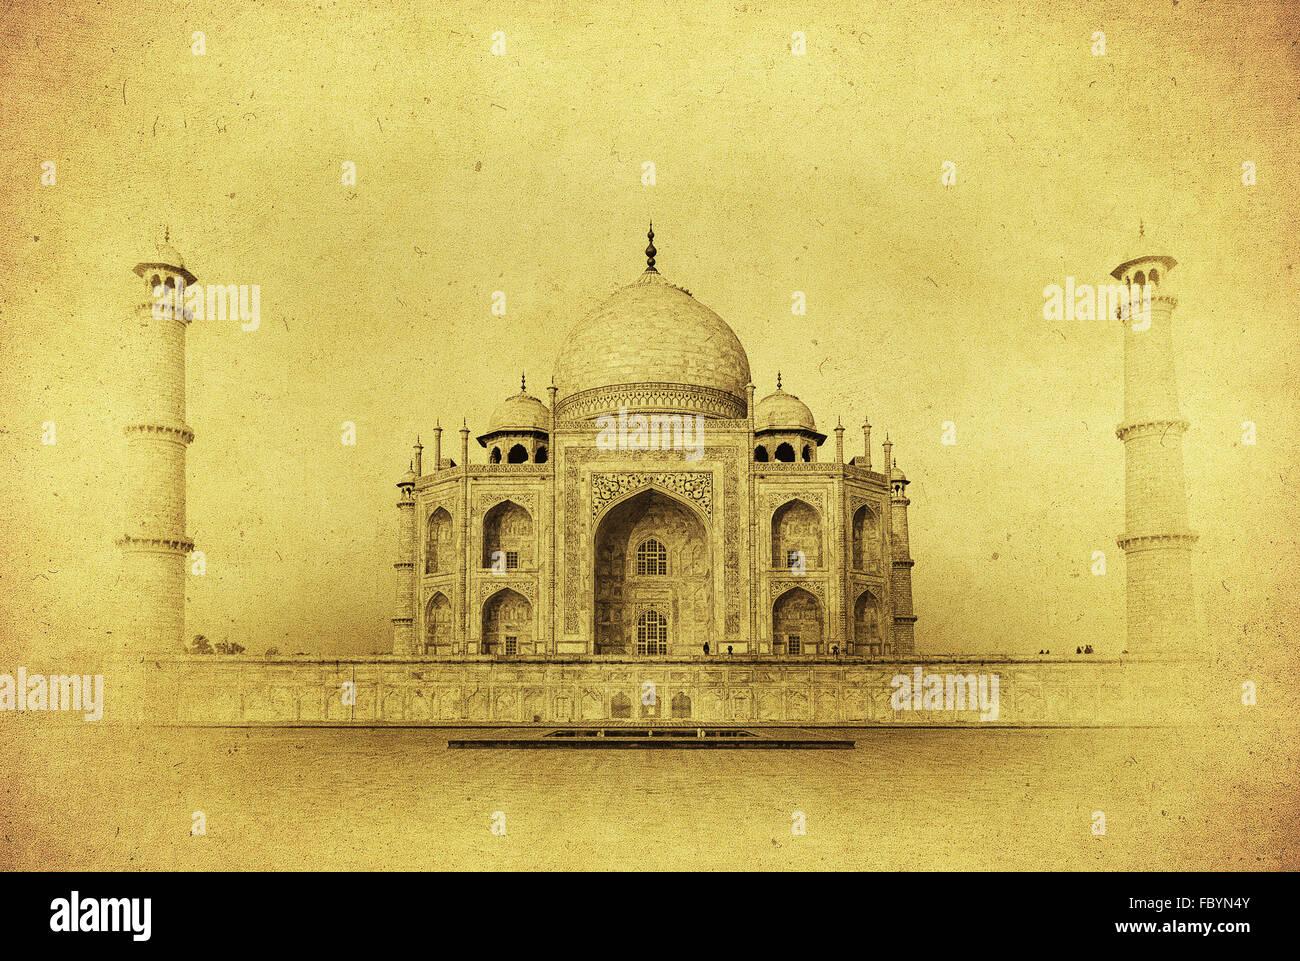 Immagine vintage del Taj Mahal di sunrise, Agra, India Immagini Stock